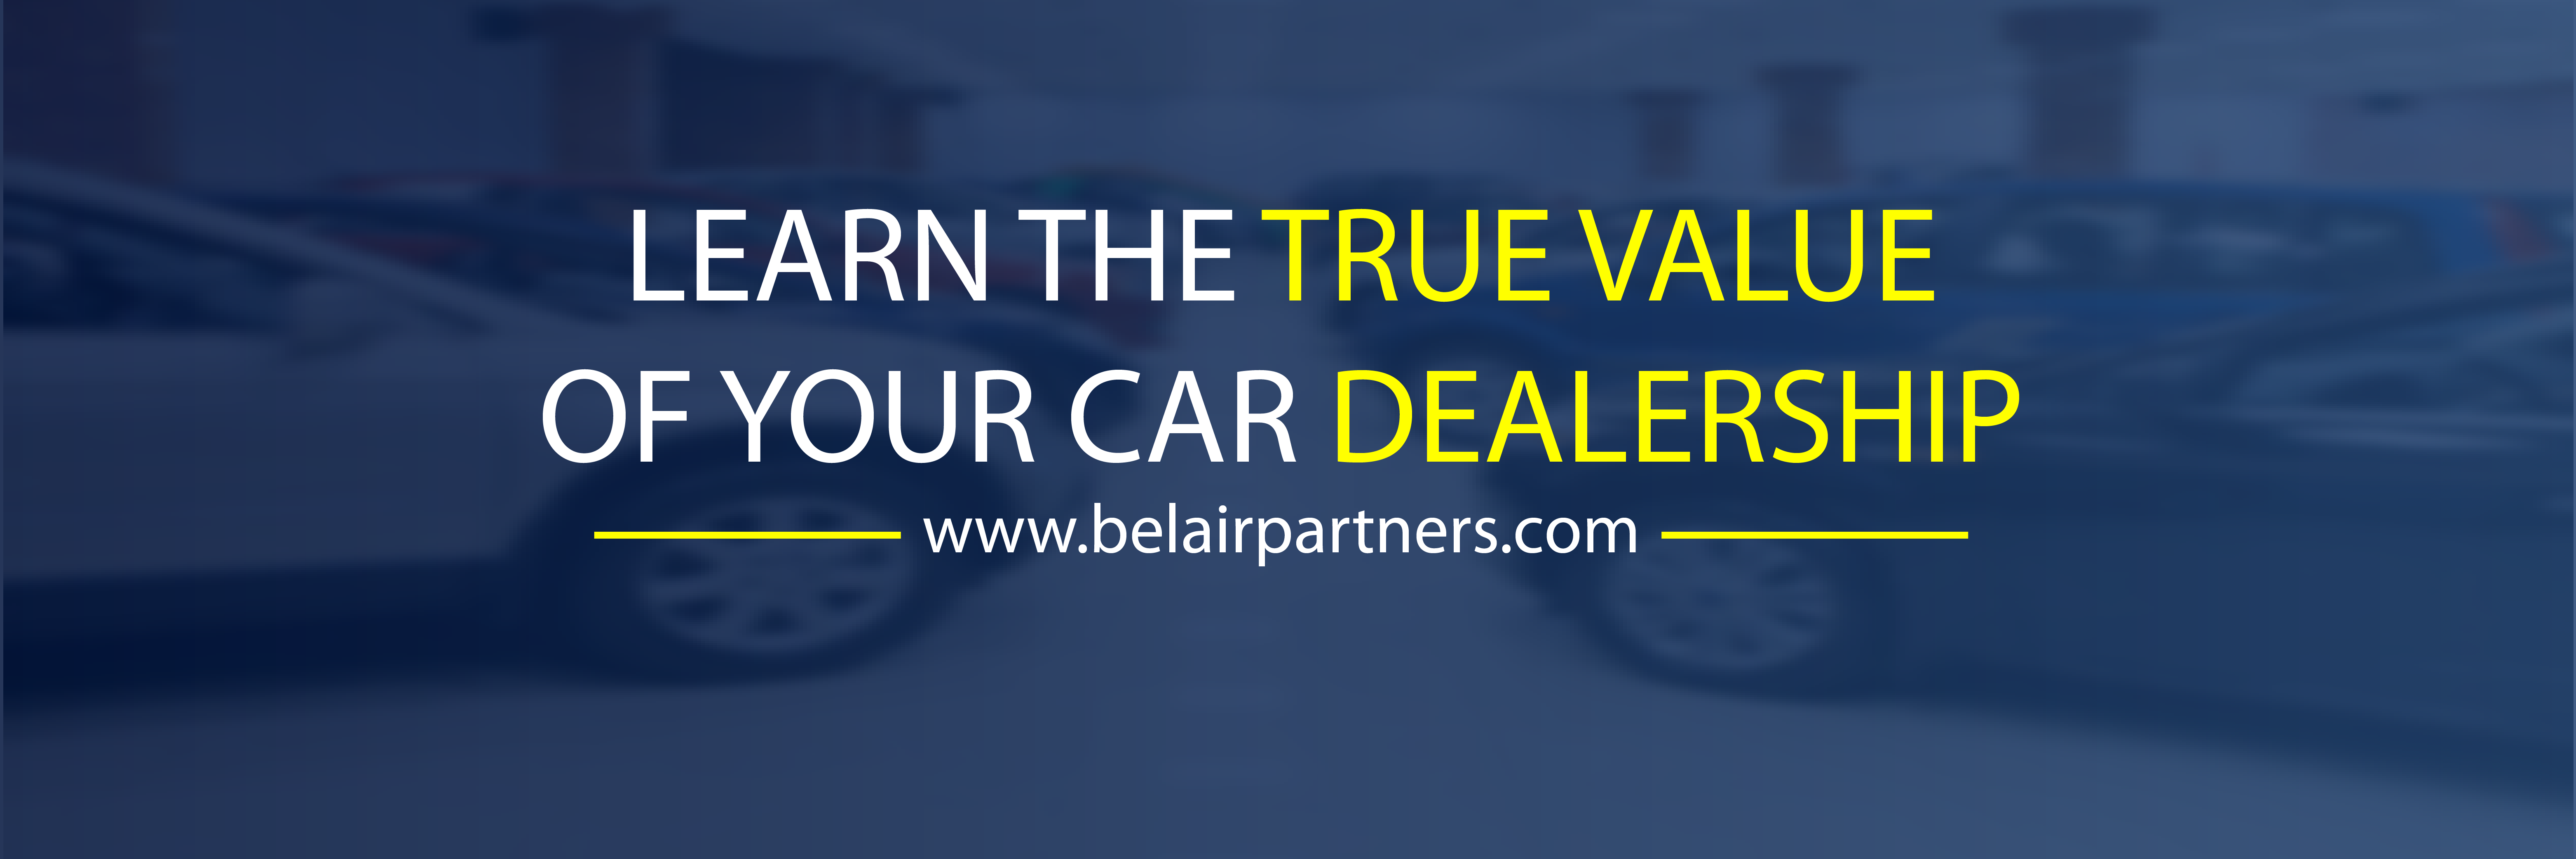 Twitter Banner for BelAir Partners